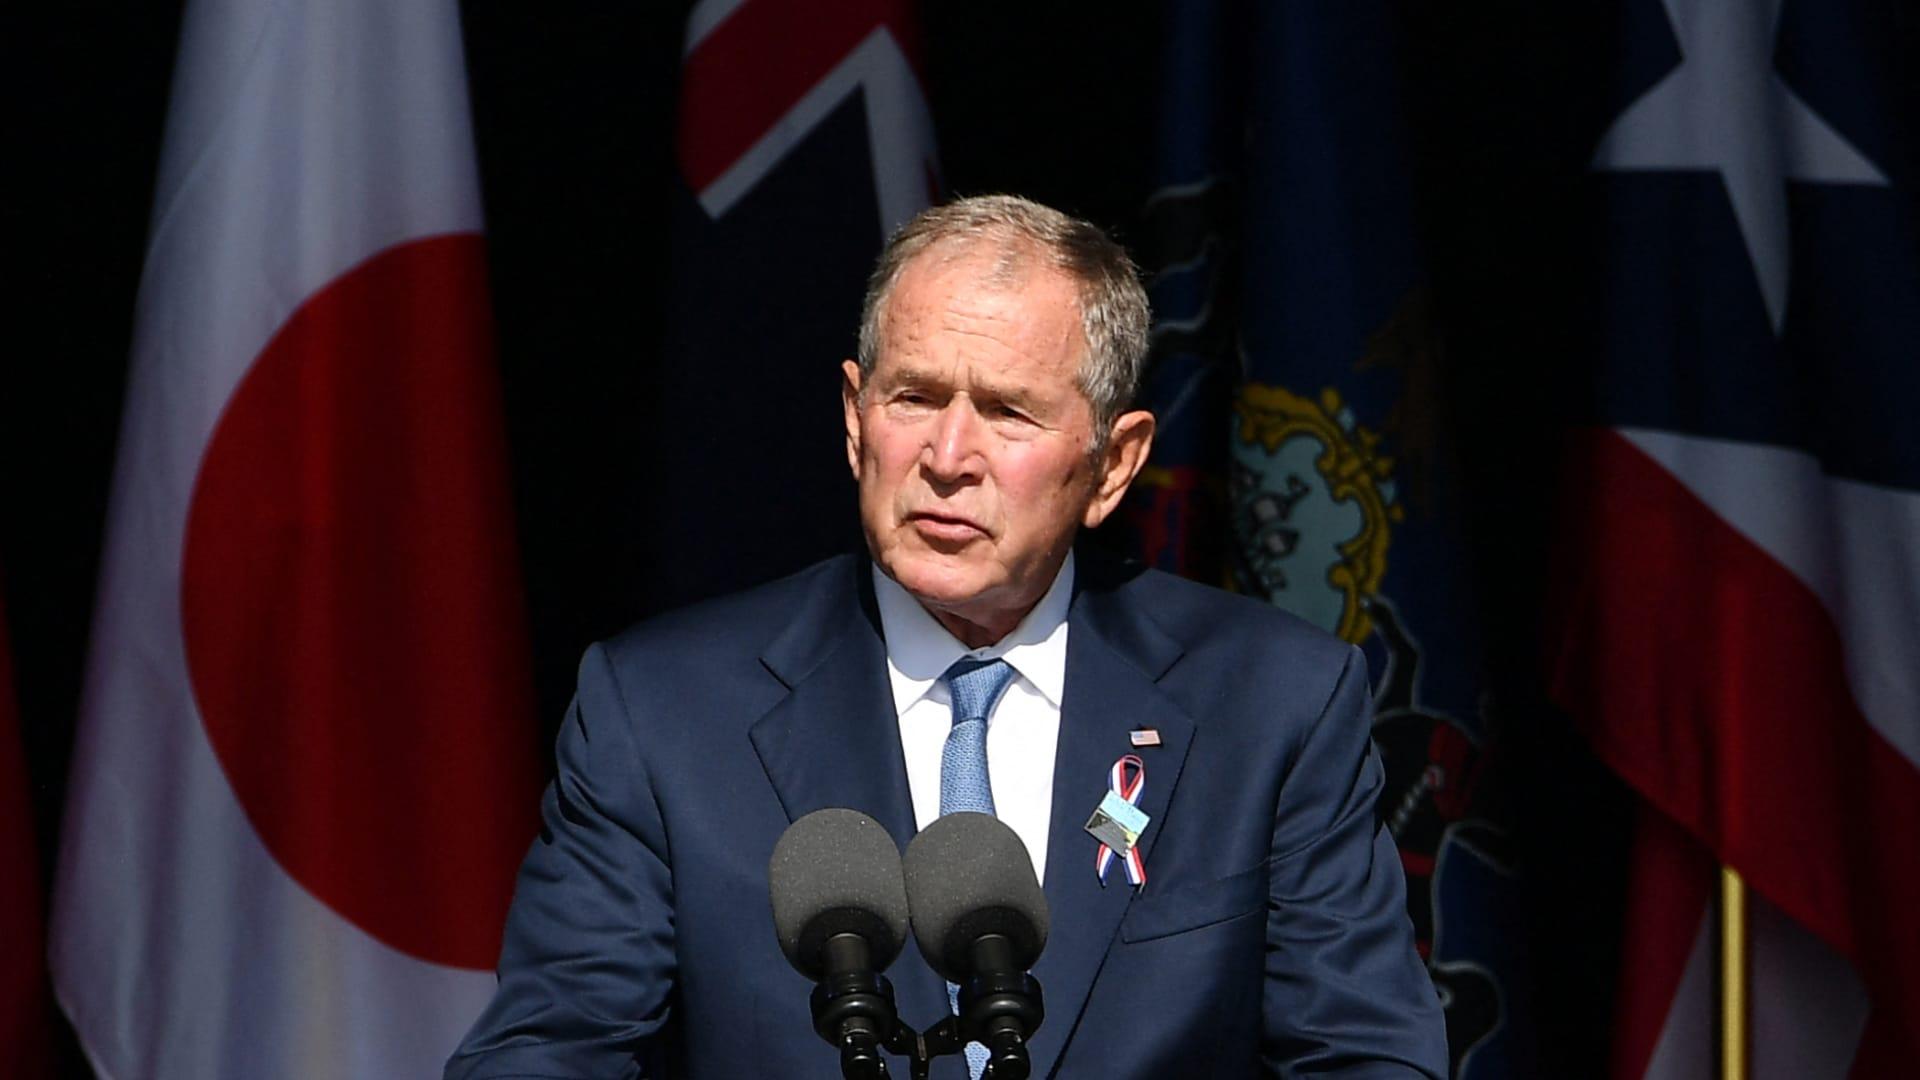 الرئيس الأمريكي السابق، جورج دبليو بوش